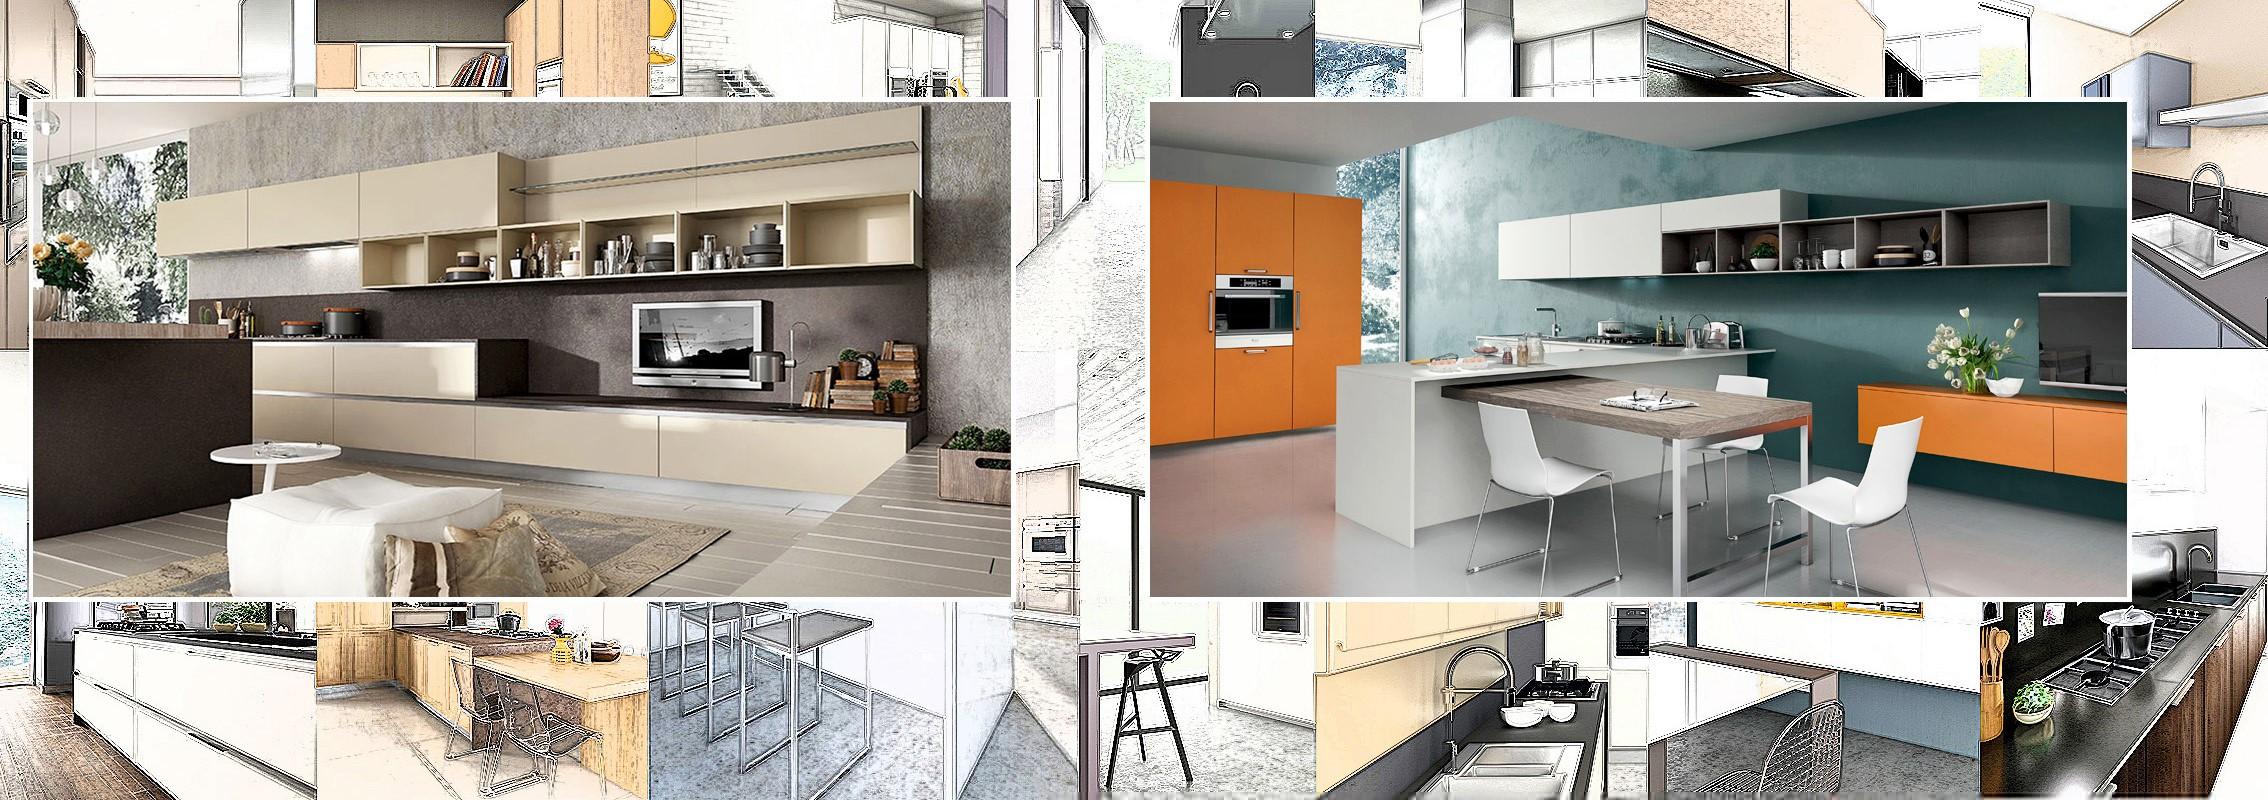 Les cuisines groizeau r alisation de votre projet sur mesure - Projet atelier cuisine ...